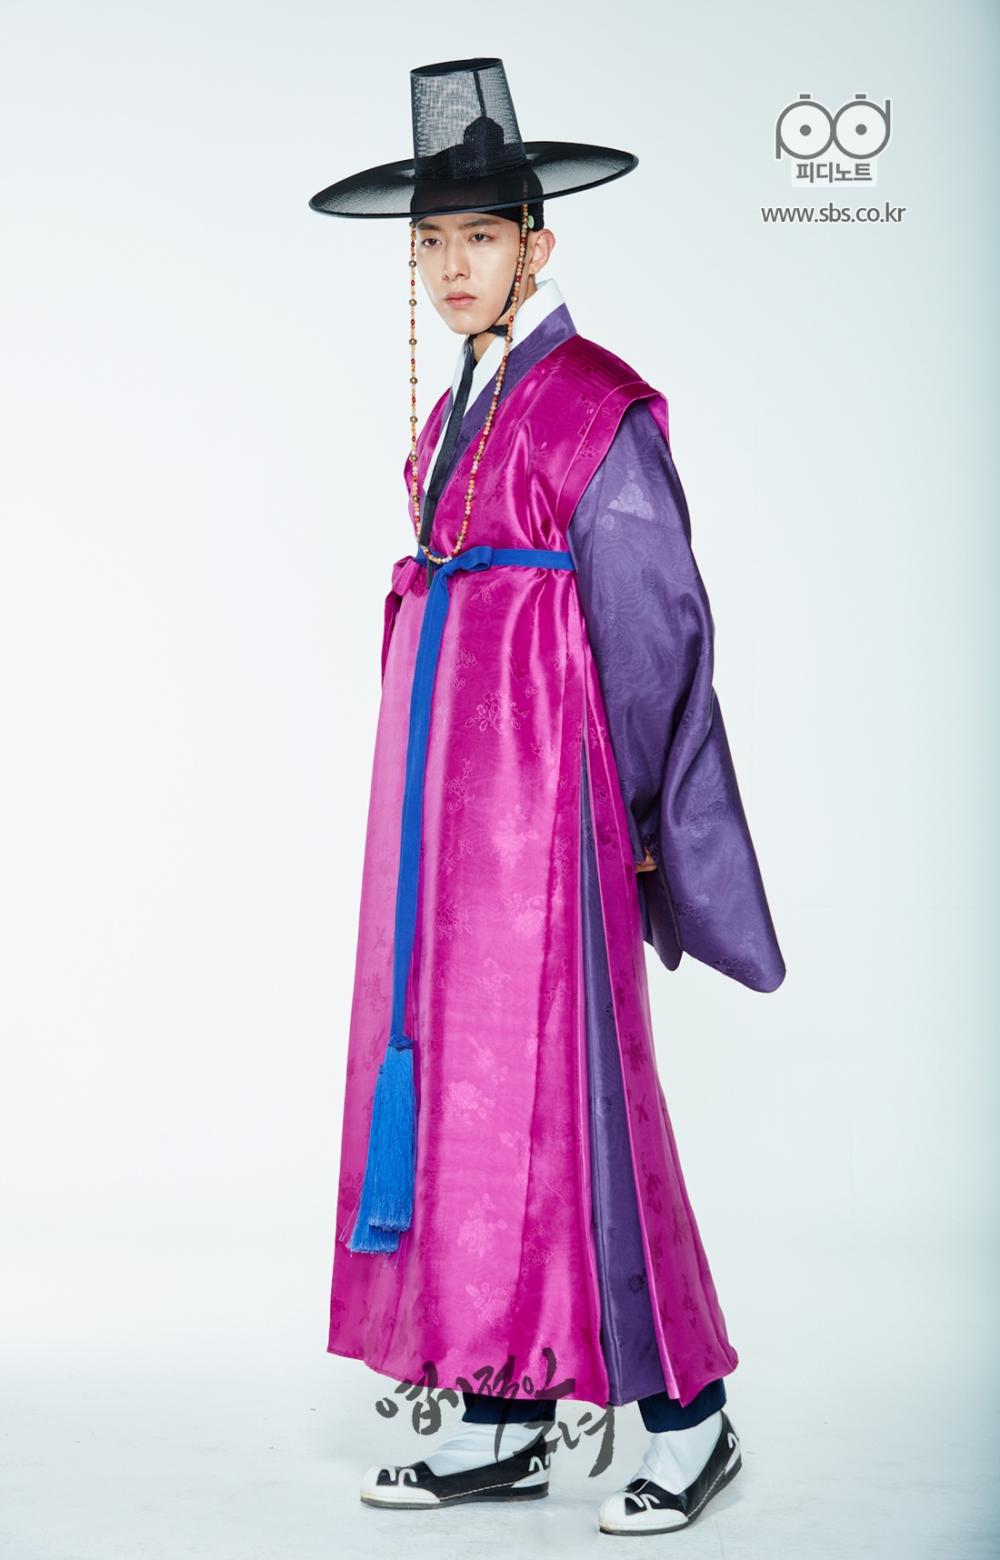 뒷짐을 지고 종사관 포스 뿜뿜하는 분홍 도포에 갓을 쓴 준영의 이미지